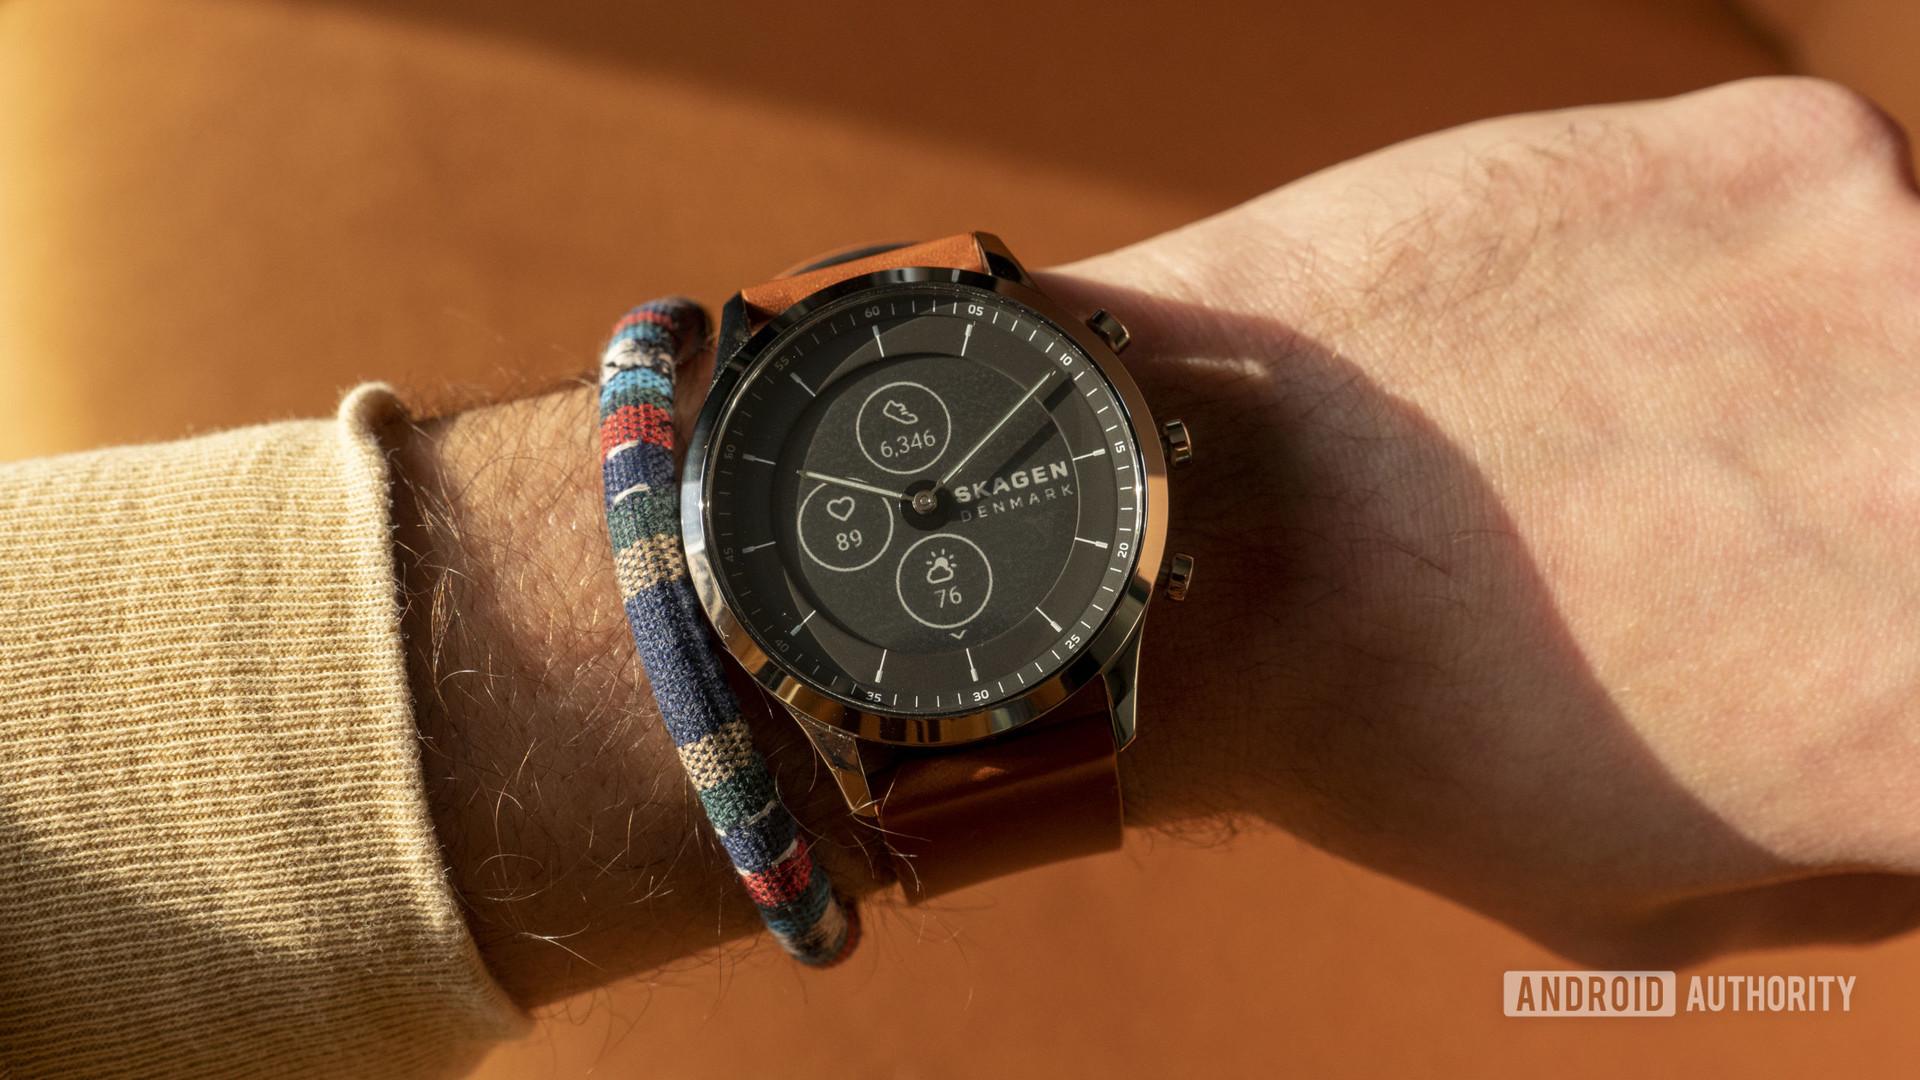 skagen jorn hybrid hr smartwatch on wrist